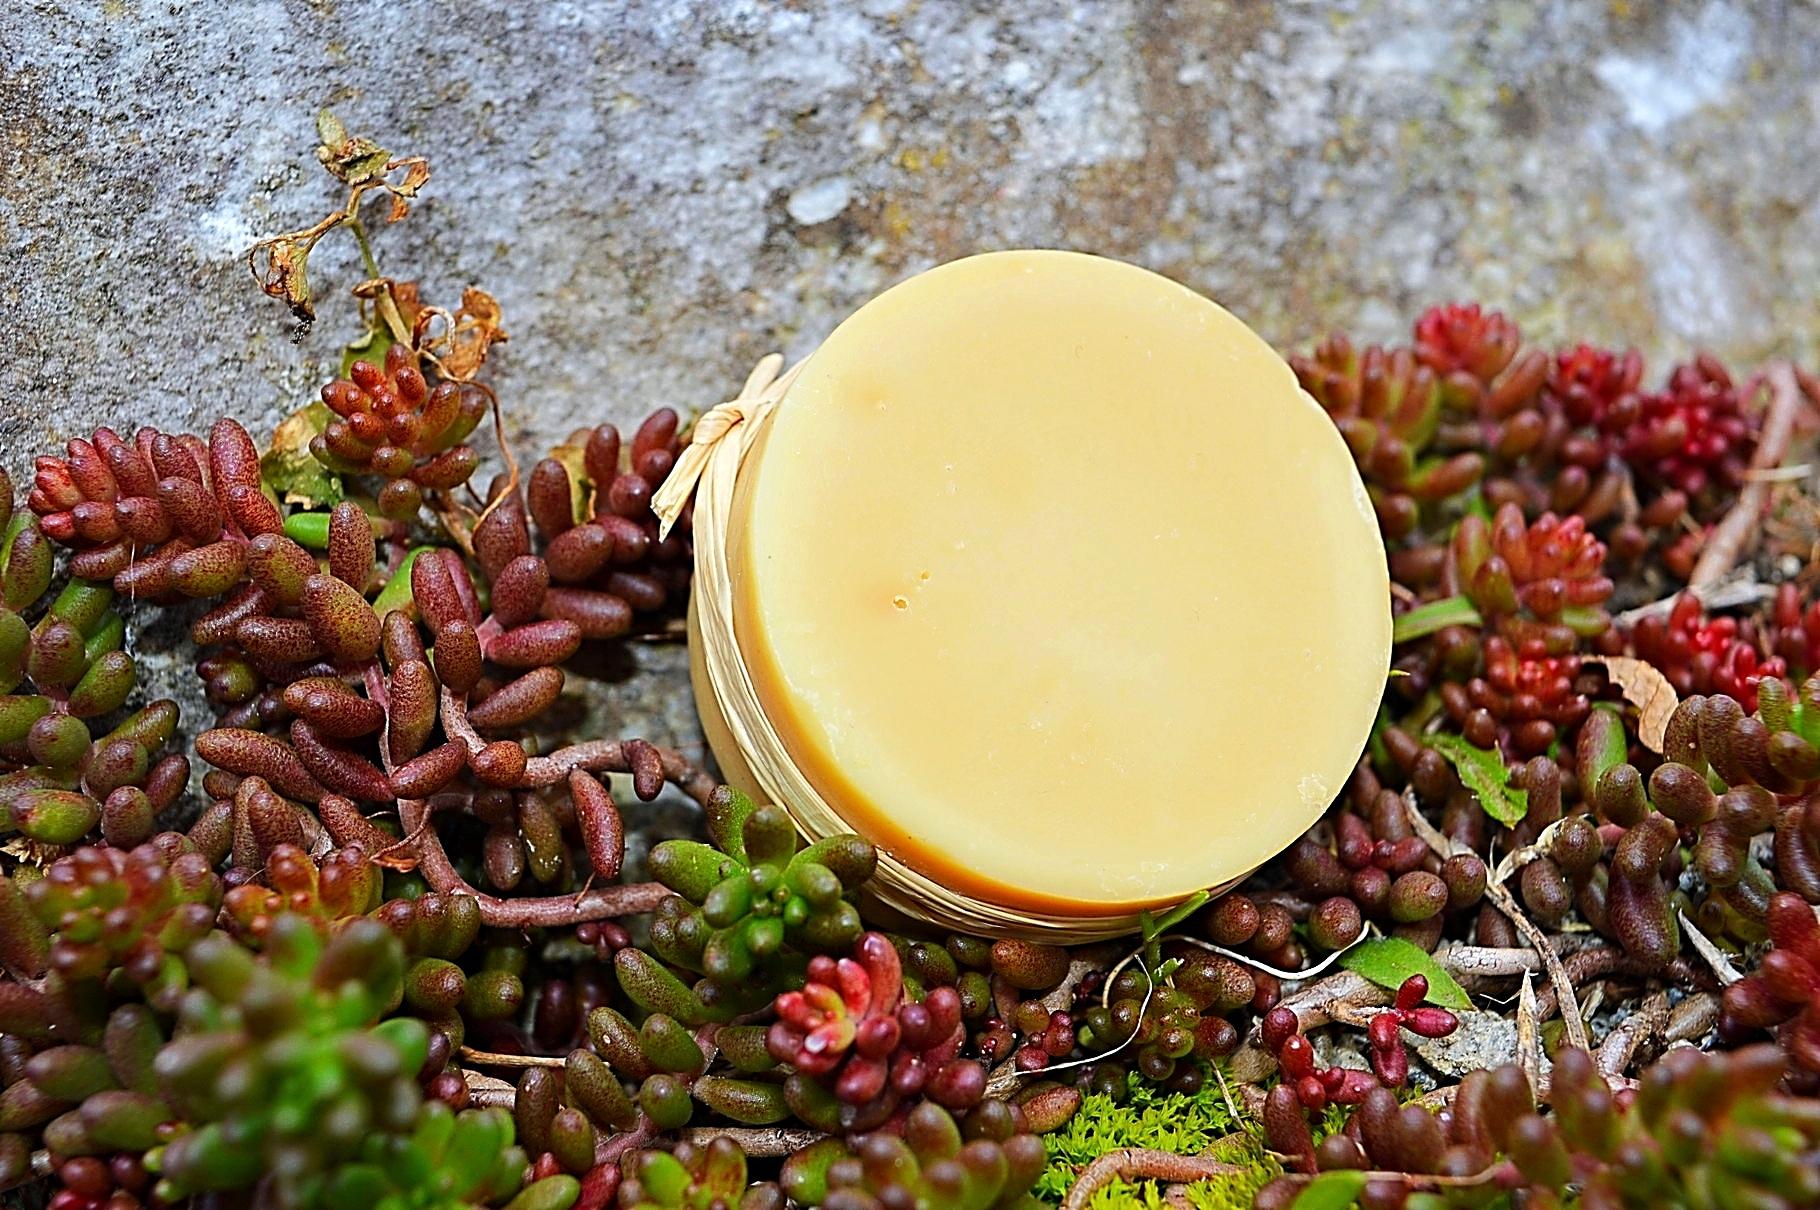 Le savon aux 70% d'huile d'olive.